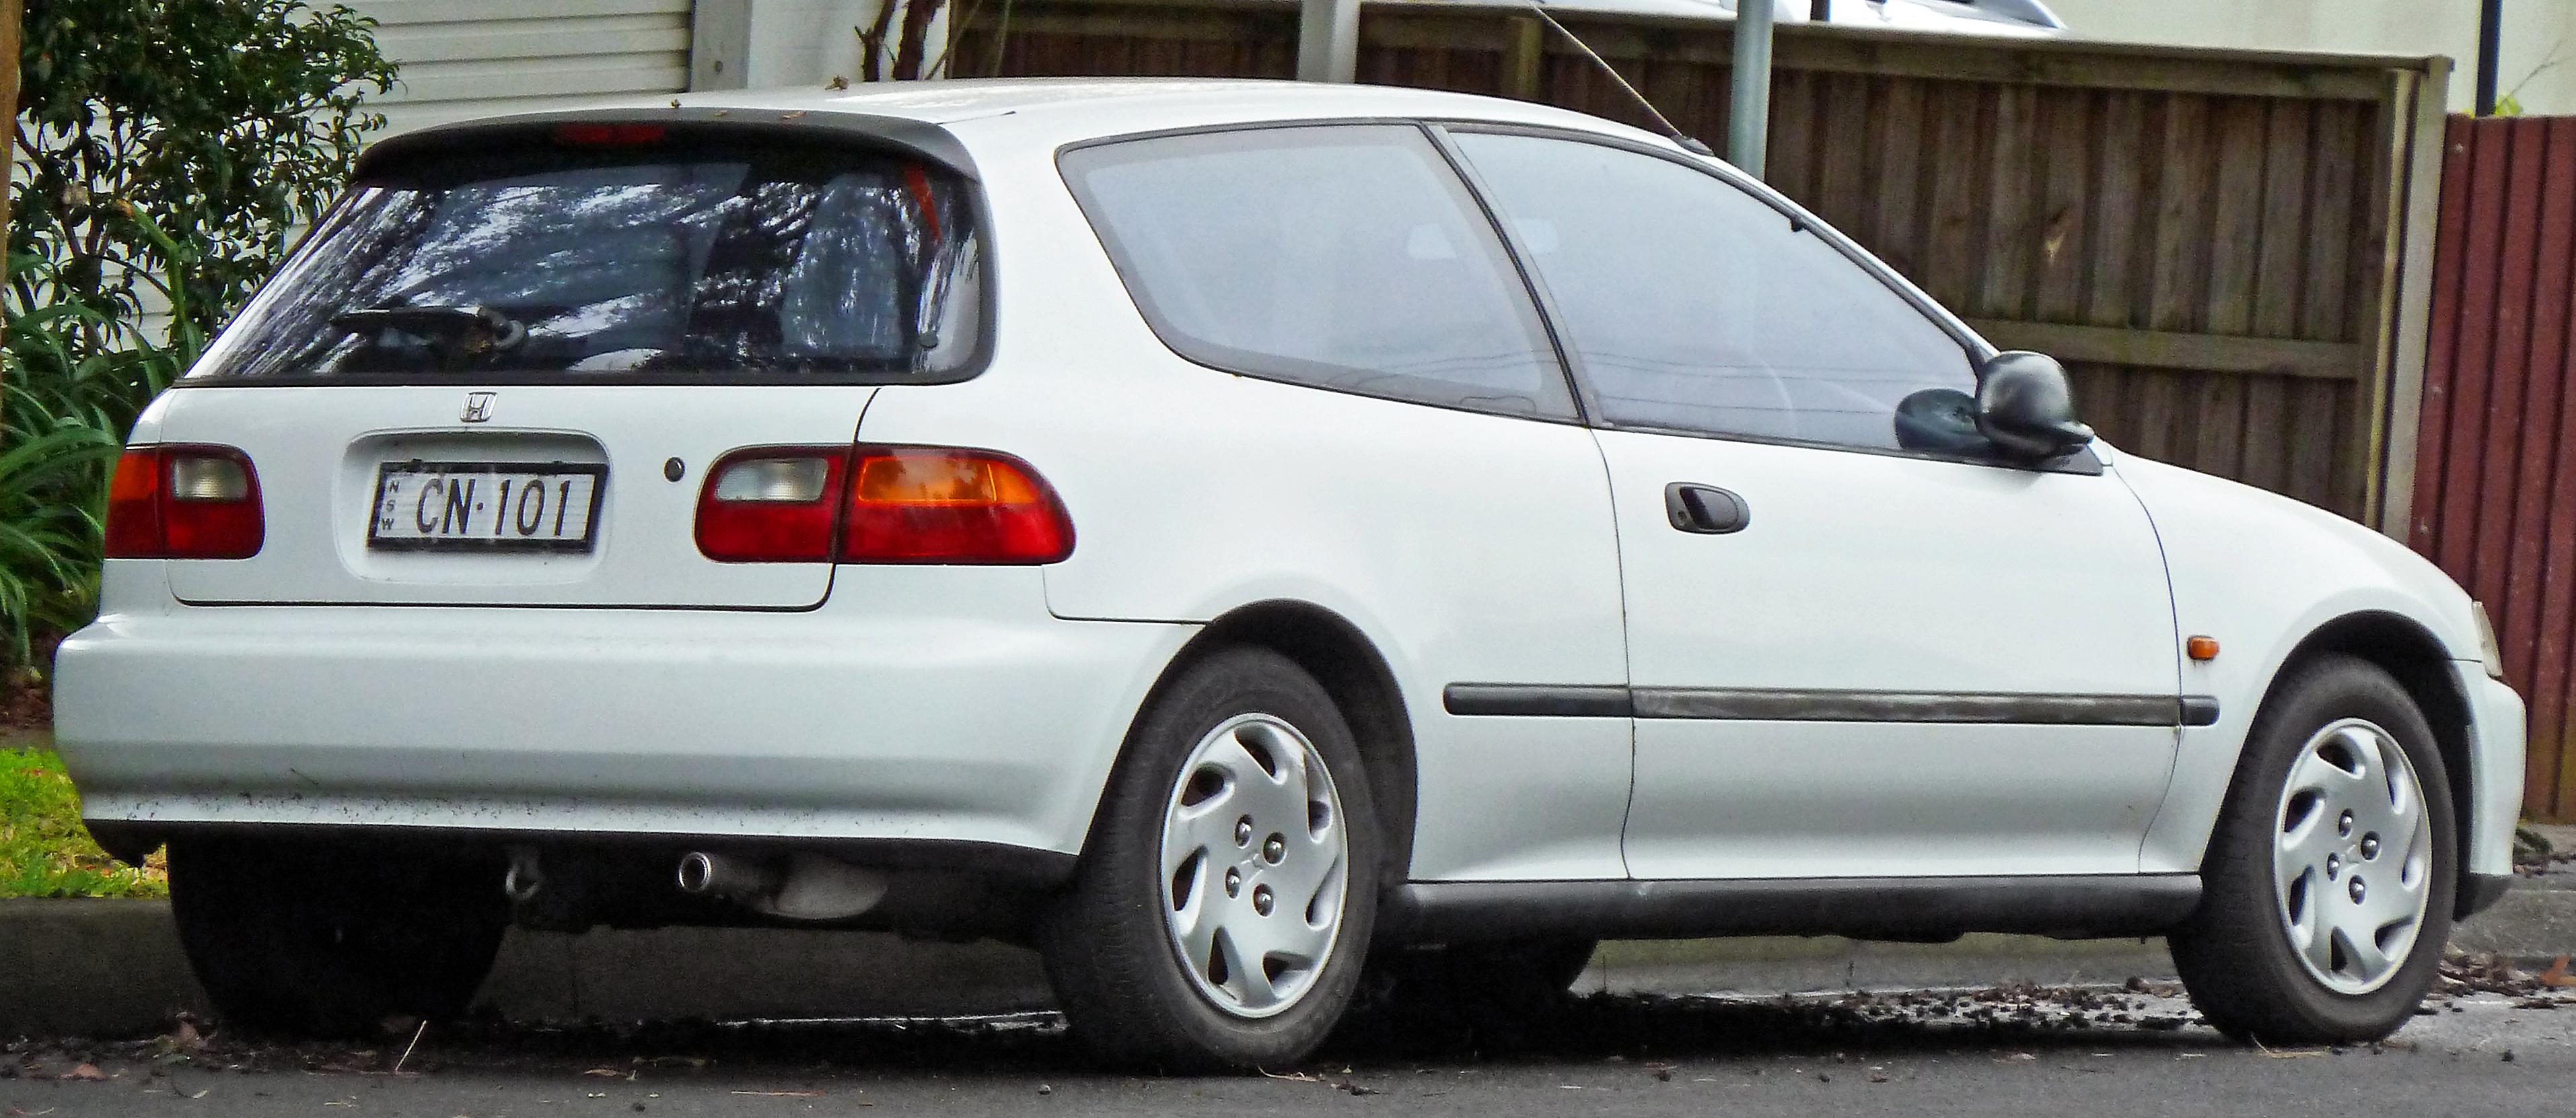 Image Result For Honda Civic Hatchback Autotrader